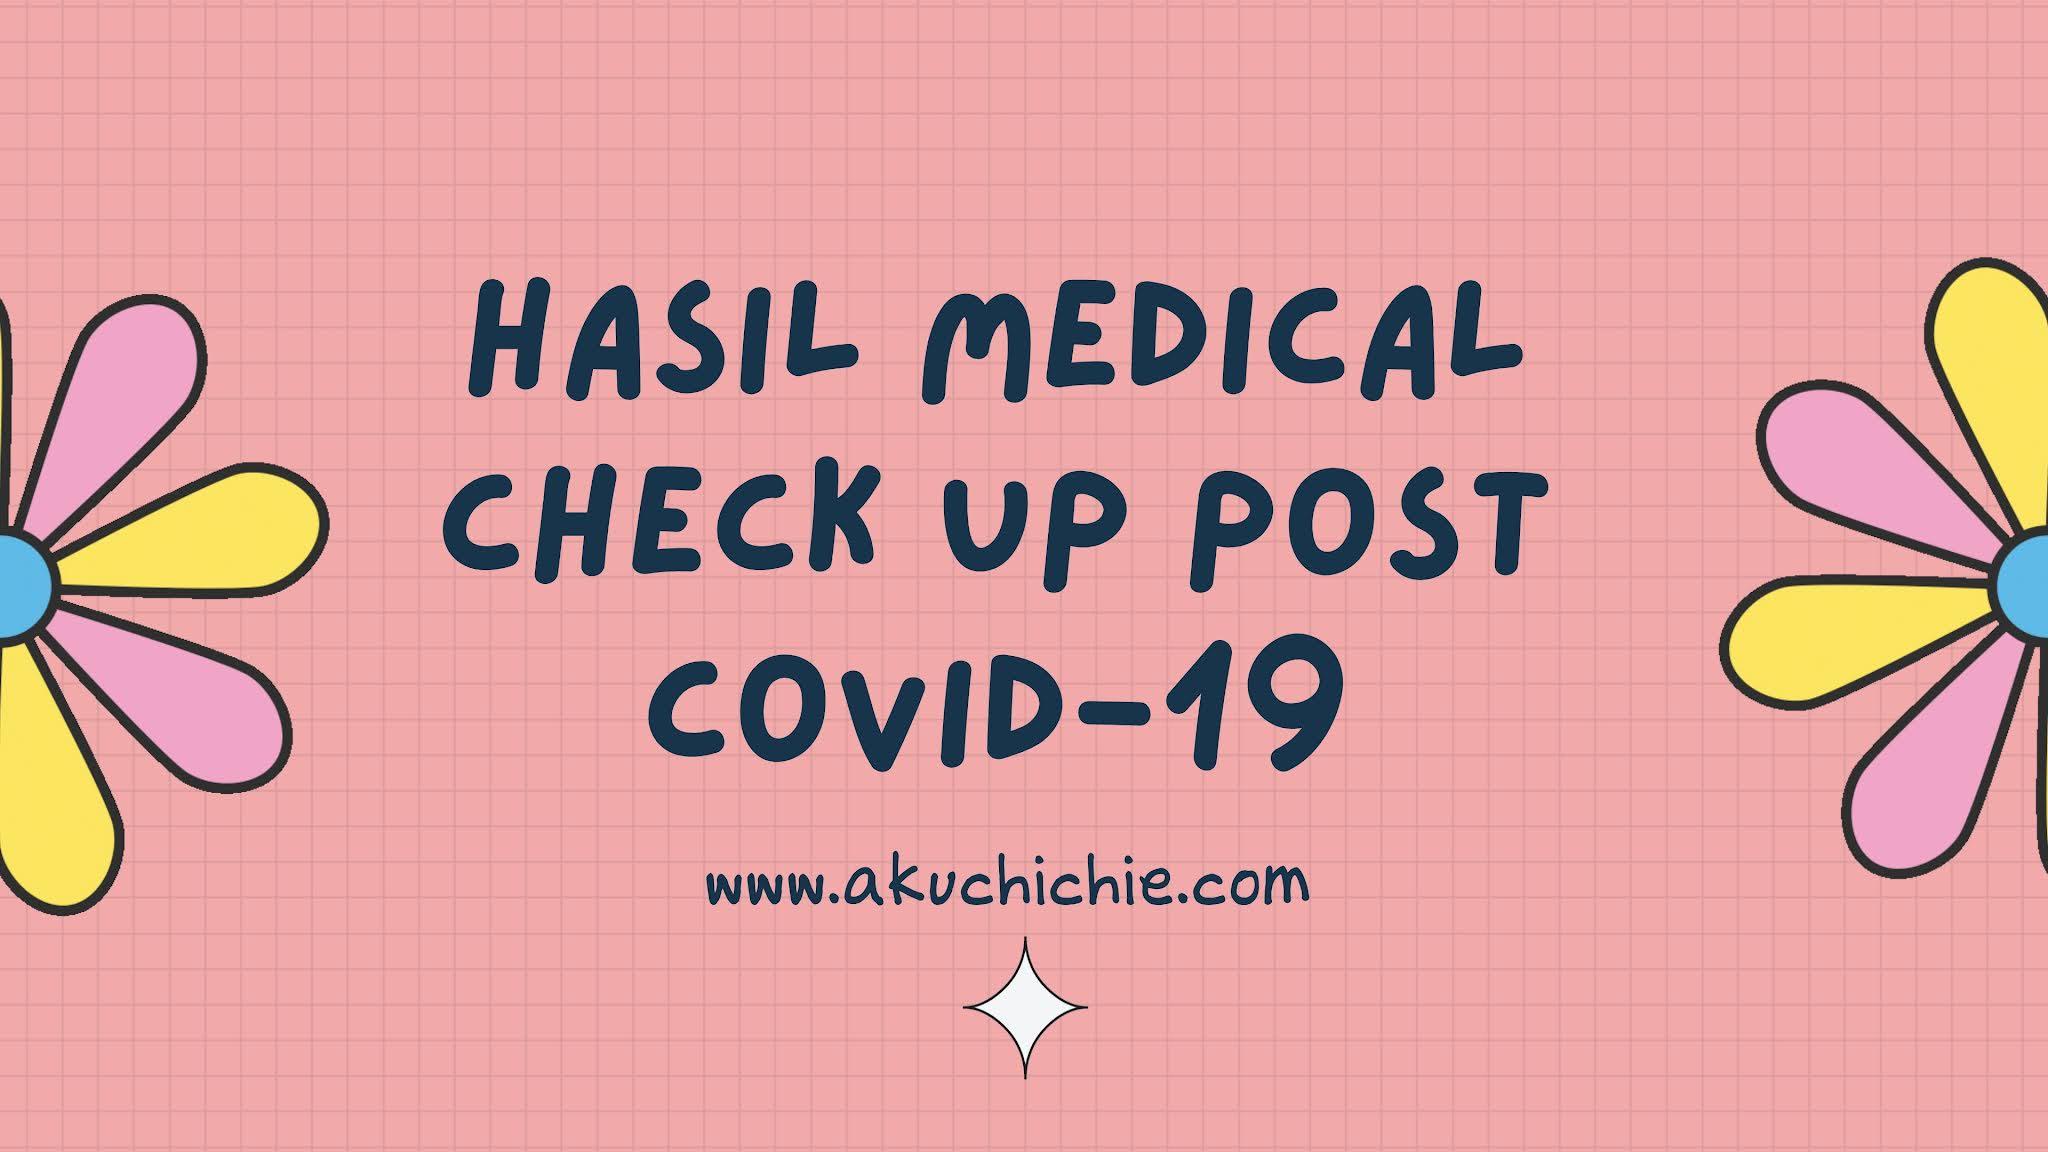 hasil medical check up